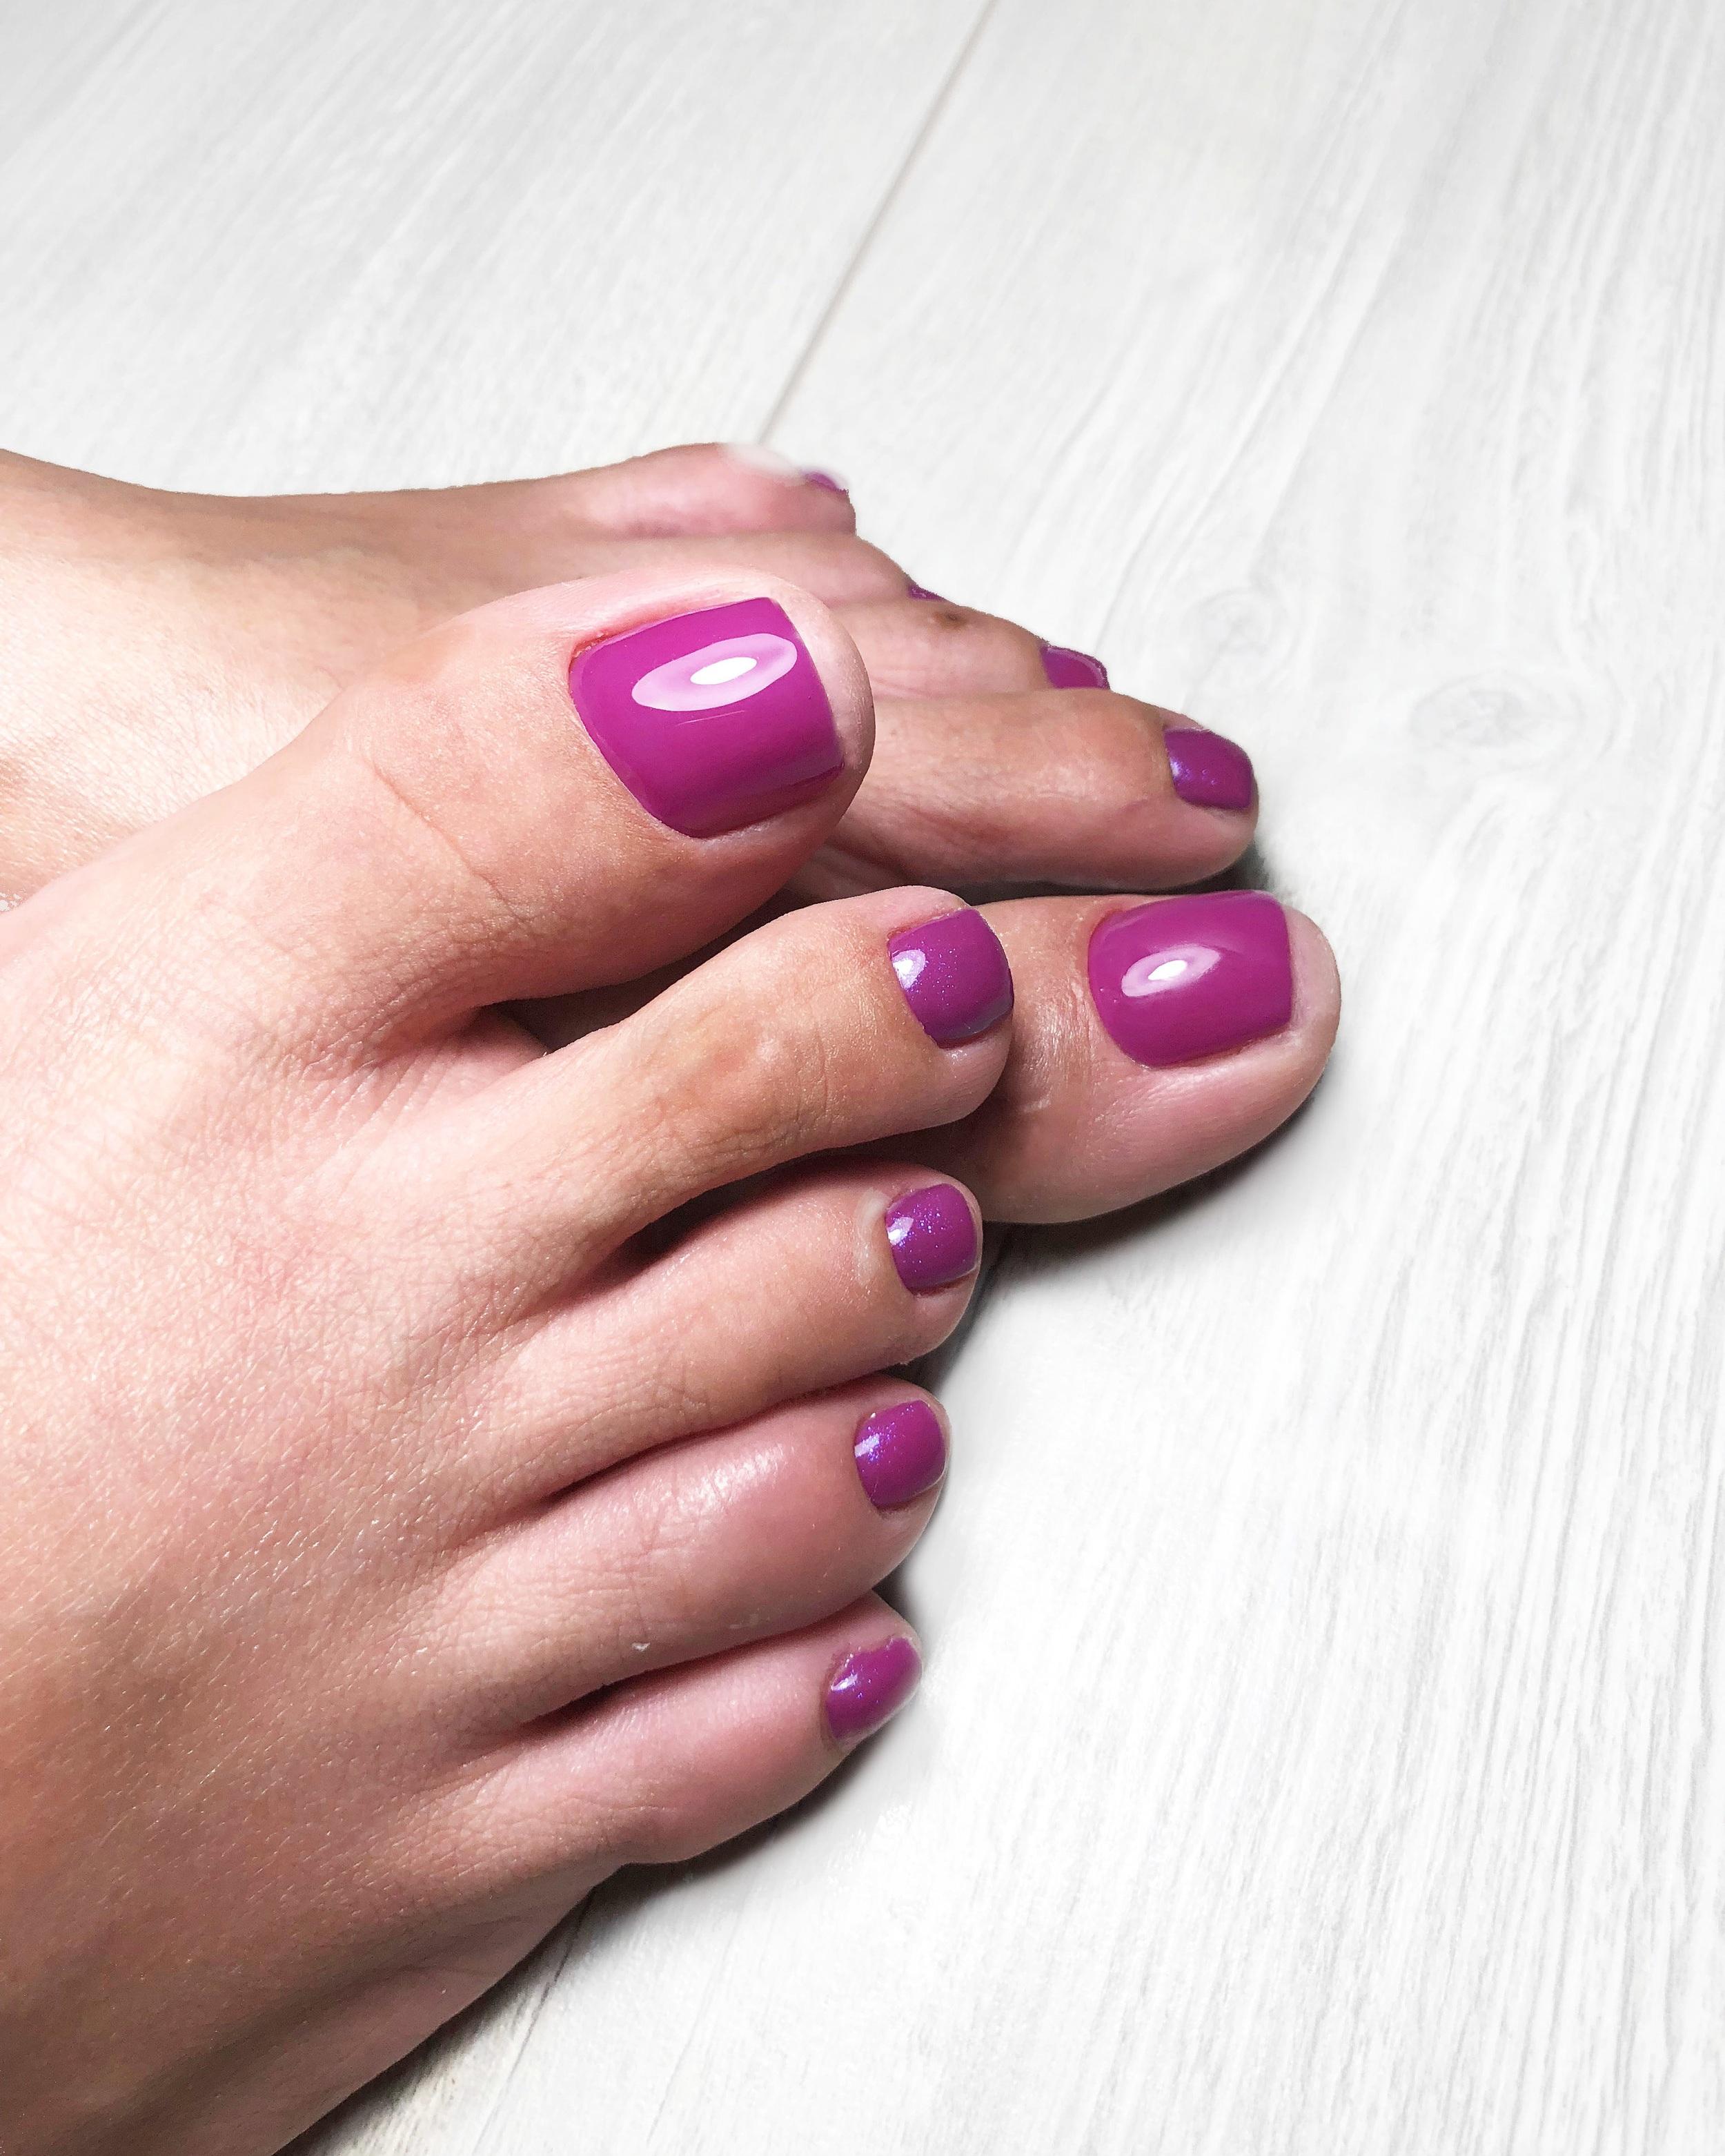 Pediküre - Müde Füße werden bei uns schnell wieder munter. Schmerzhafte, rissige Haut wird wieder weich und zart, die Nägel perfekt geformt und lackiert.